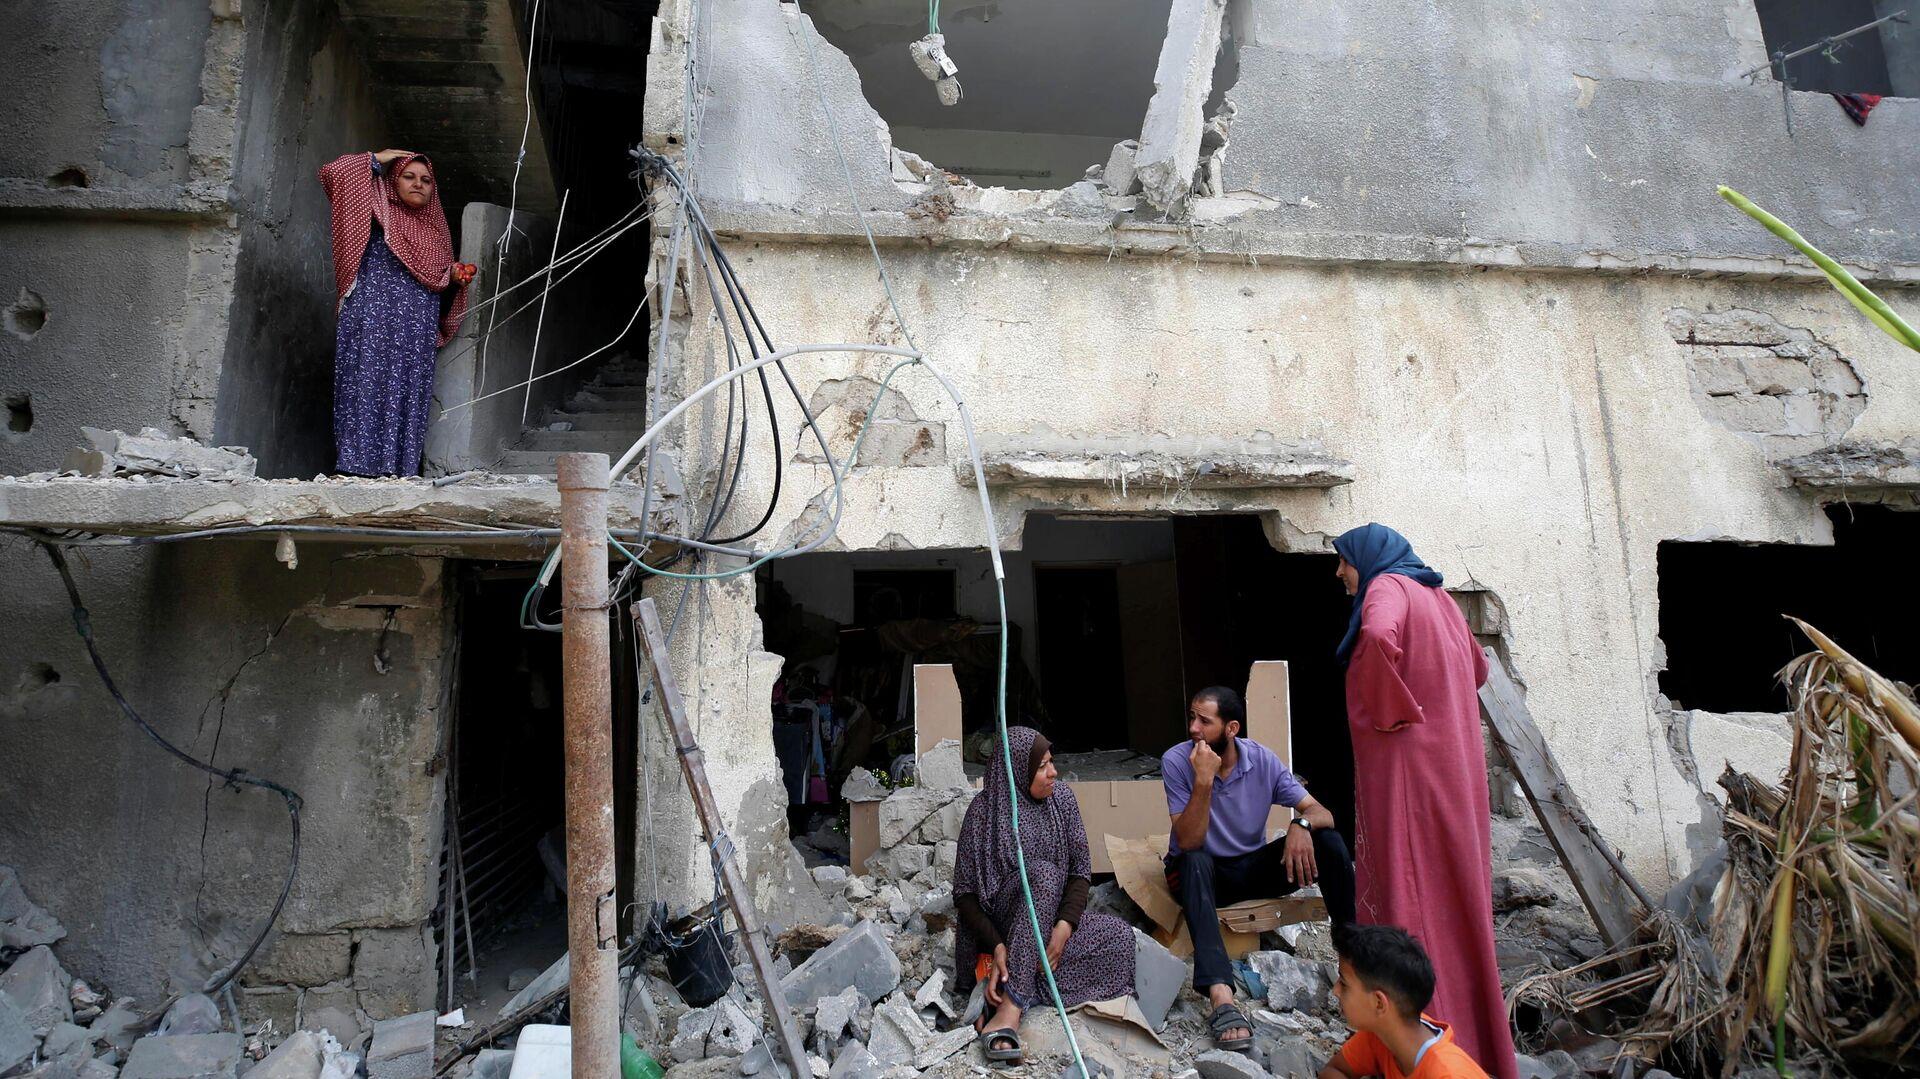 Палестинцы вернулись в свой разрушенный дом после объявления о прекращении огня между Израилем и ХАМАС - РИА Новости, 1920, 31.05.2021